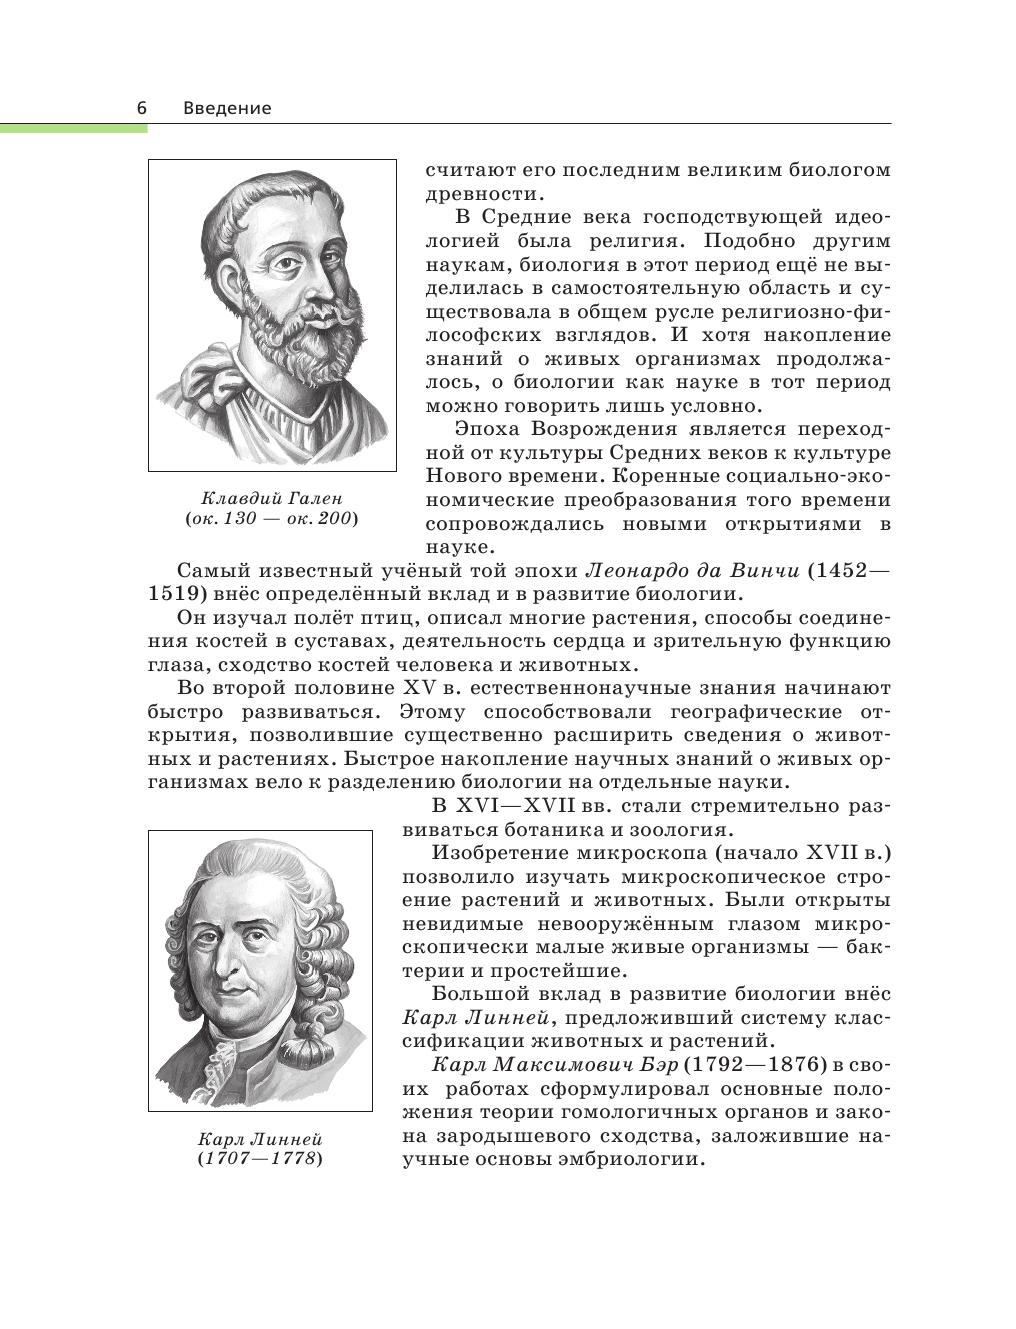 Параграф генетический код биология 10-11 класс каменский